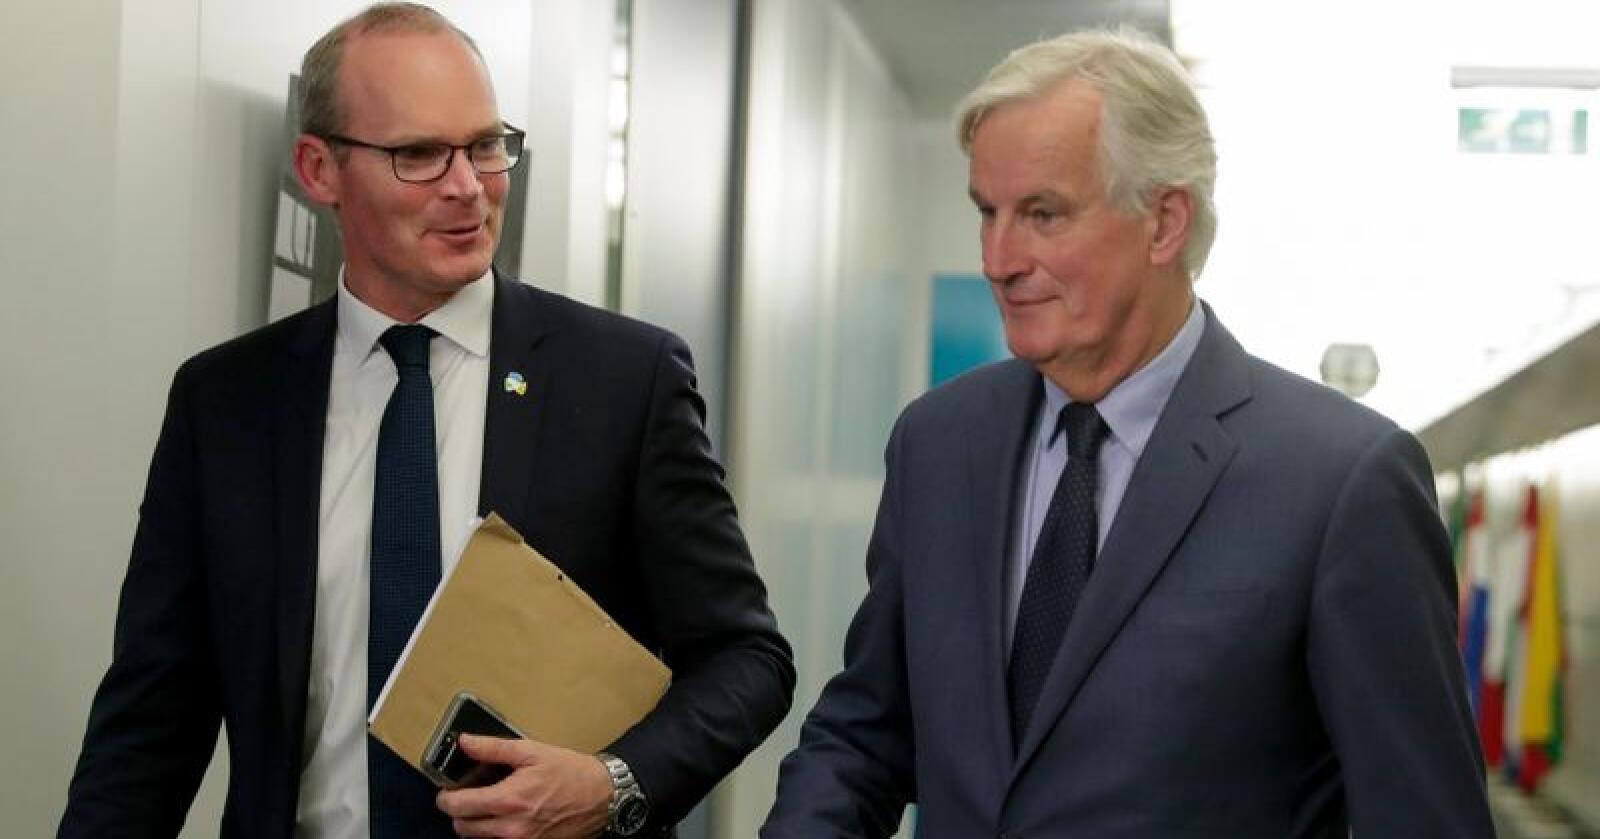 EUs forhandlingsleder Michel Barnier (til høyre) omtaler møtet med Irlands utenriksminister Simon Coveney tirsdag som et godt møte mellom venner. Foto: Stephanie Lecocq, Pool Photo via AP / NTB scanpix